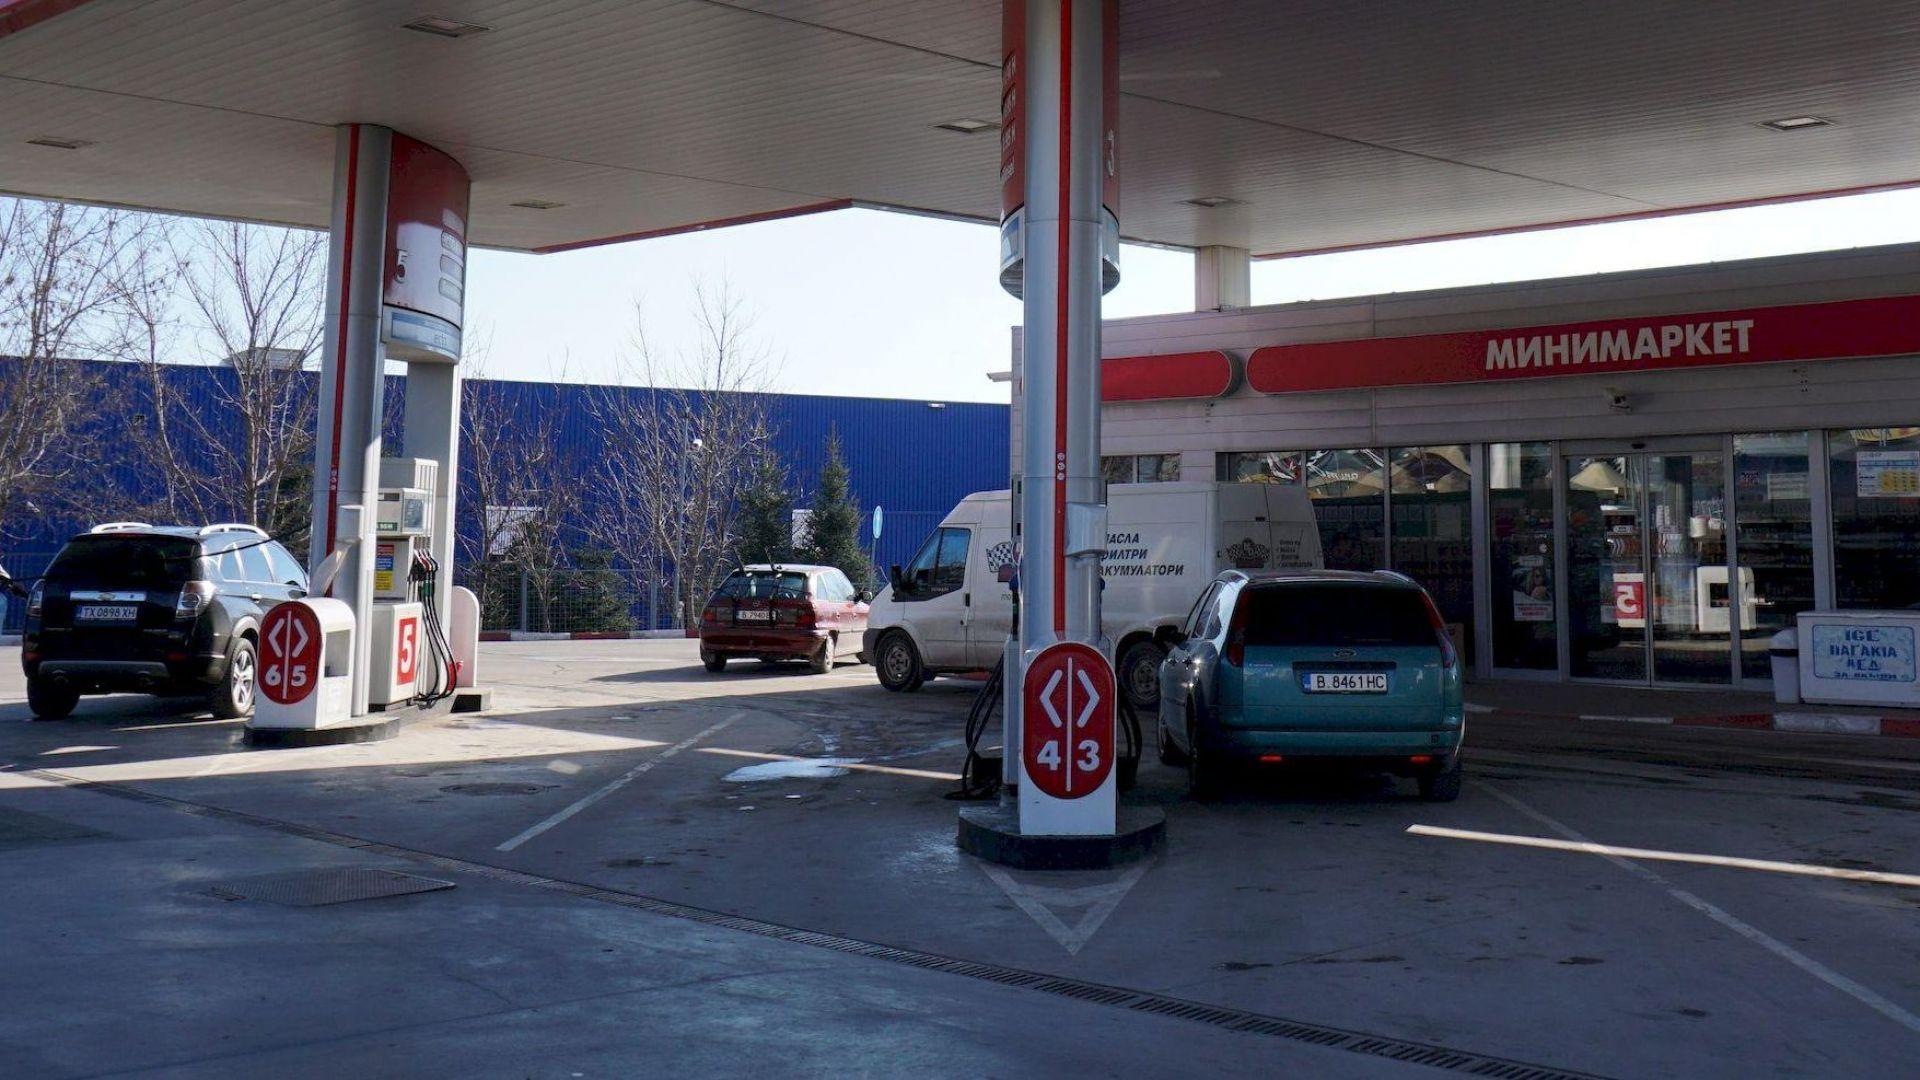 6-те най-големи вериги бензиностанции са с еднаква цена за А95